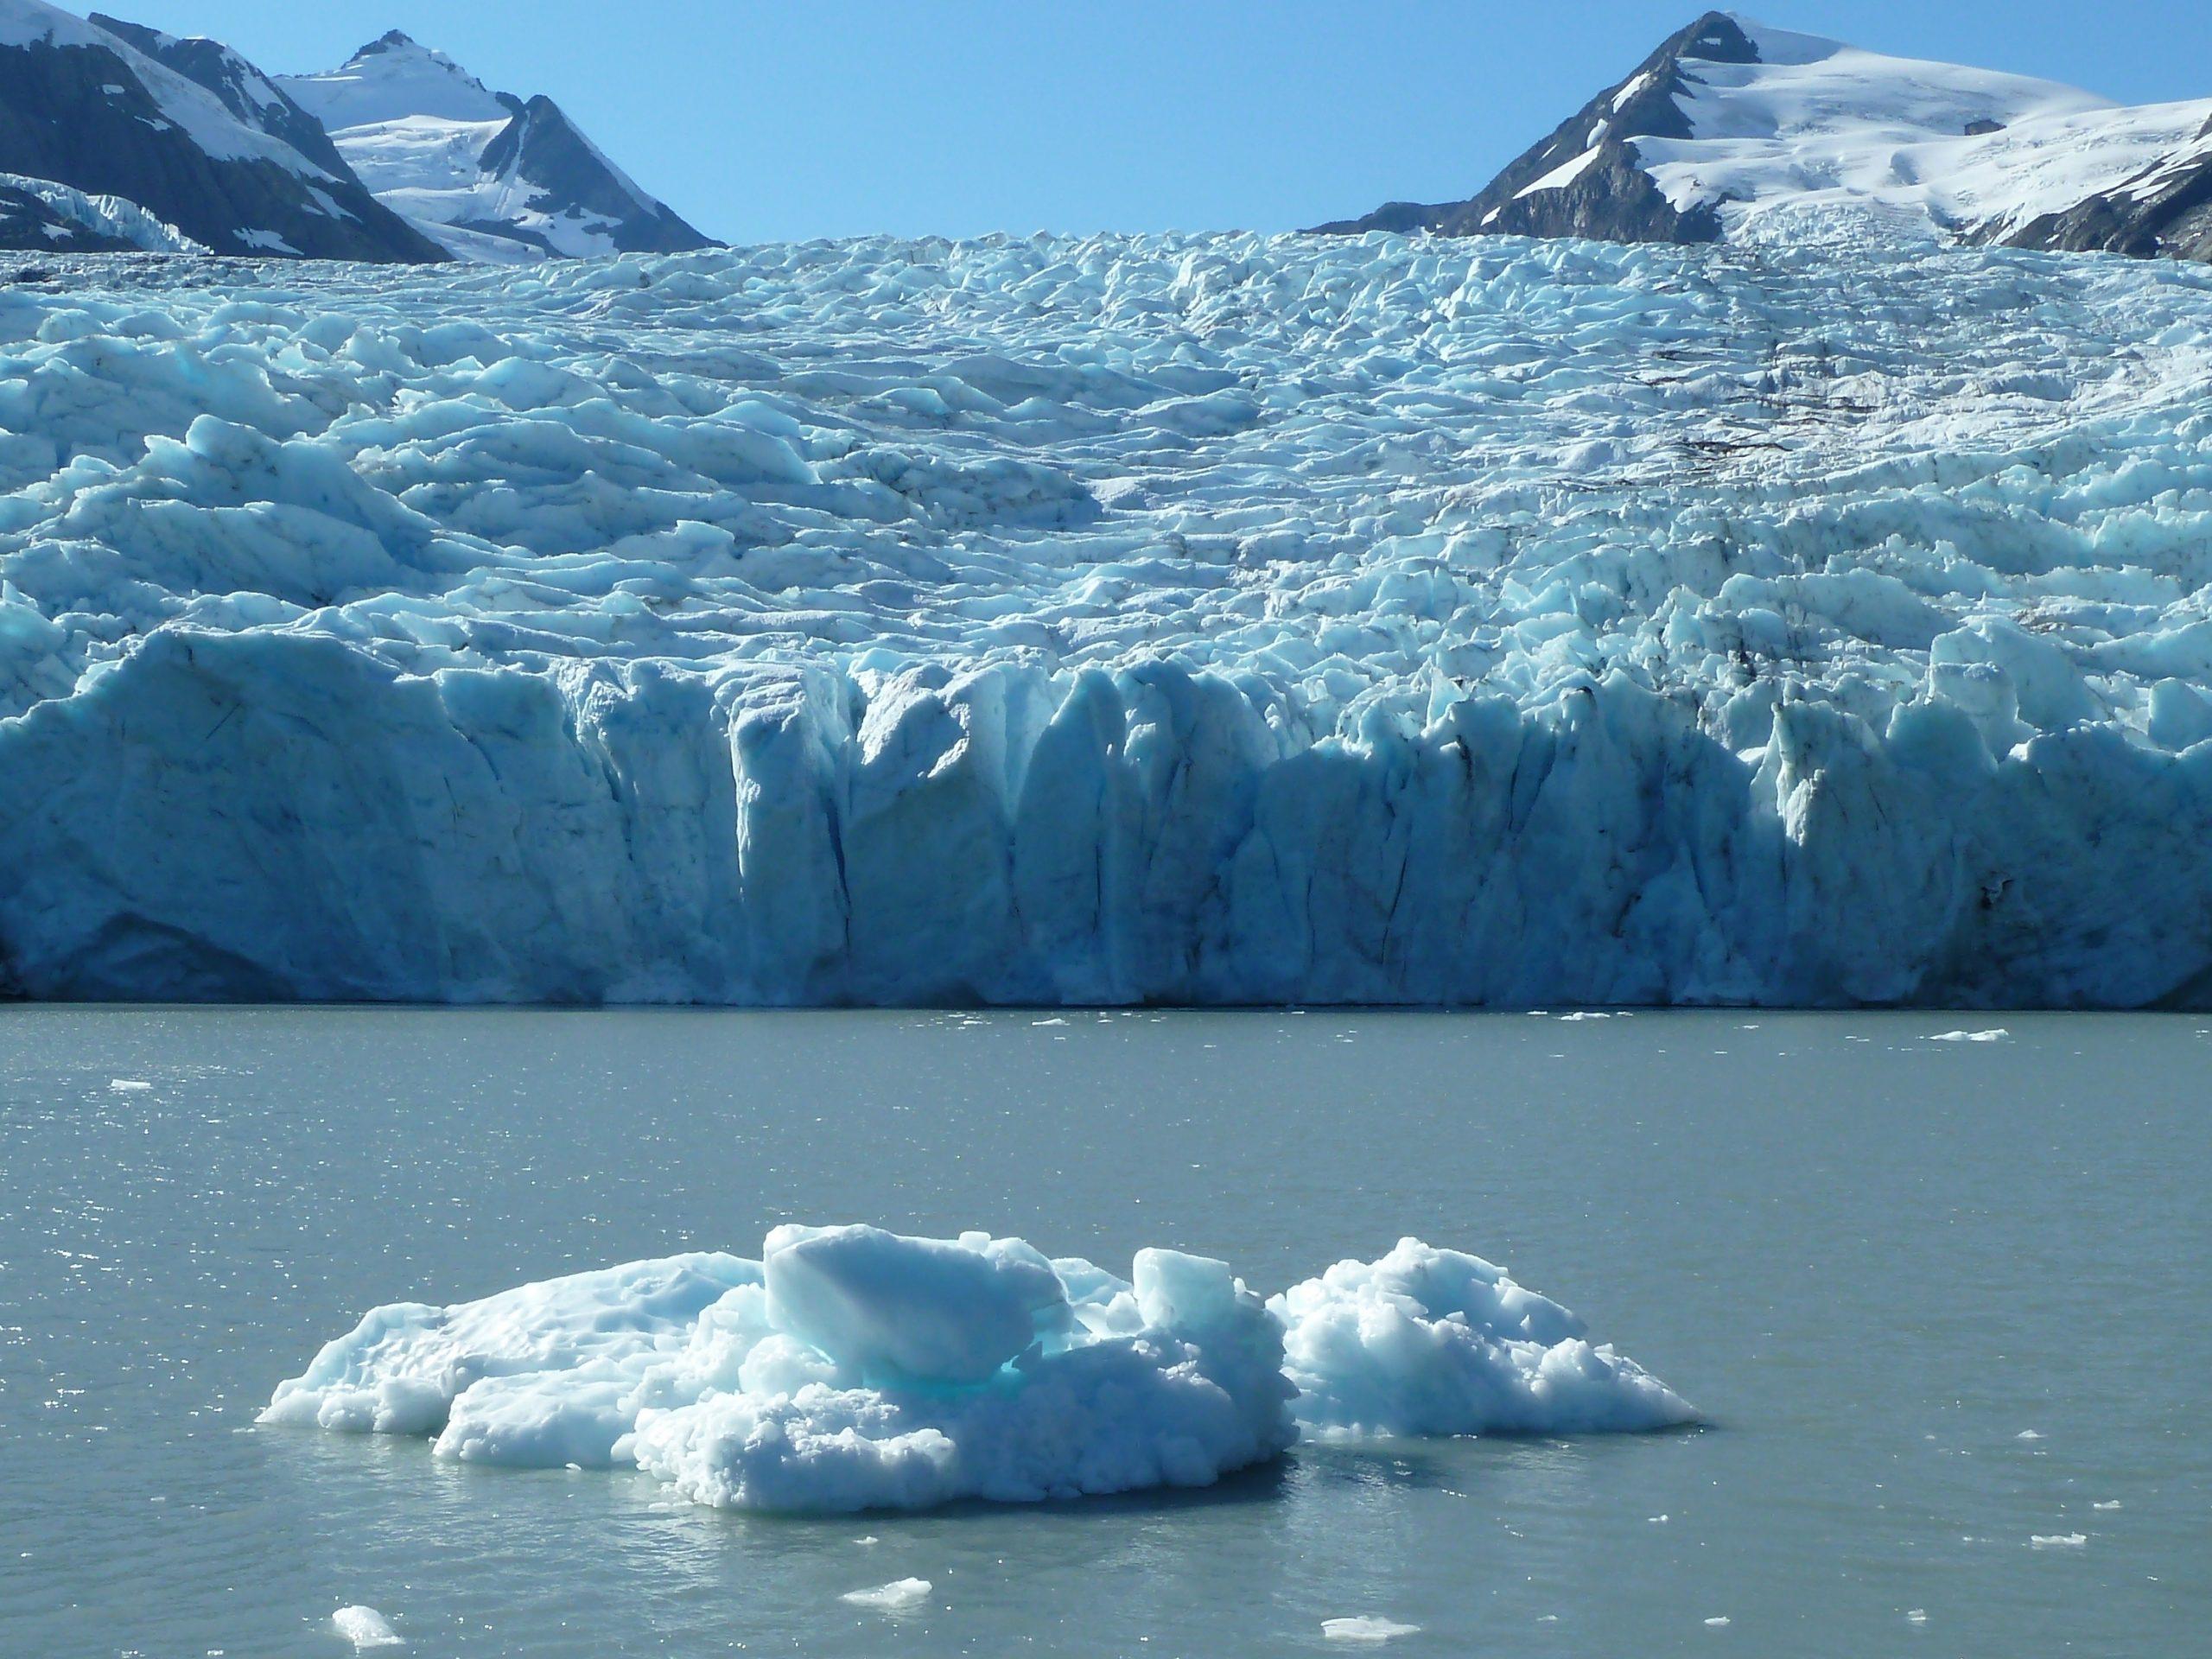 Radreise Alaska 2010 - Portage Glacier